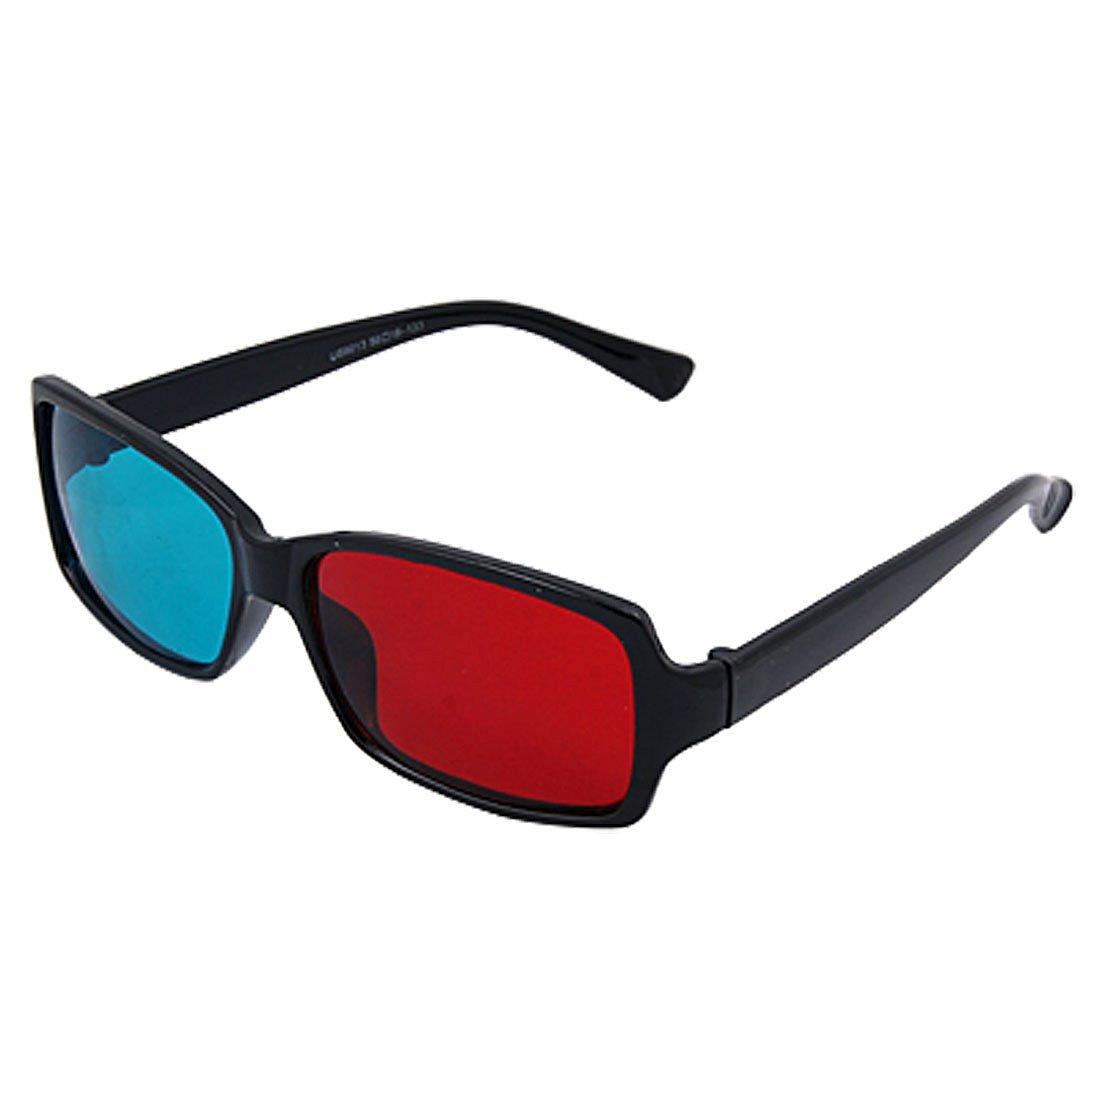 Dimart Plastic Frame Red Blue Lens Anaglyph Glasses for 3D Films Games